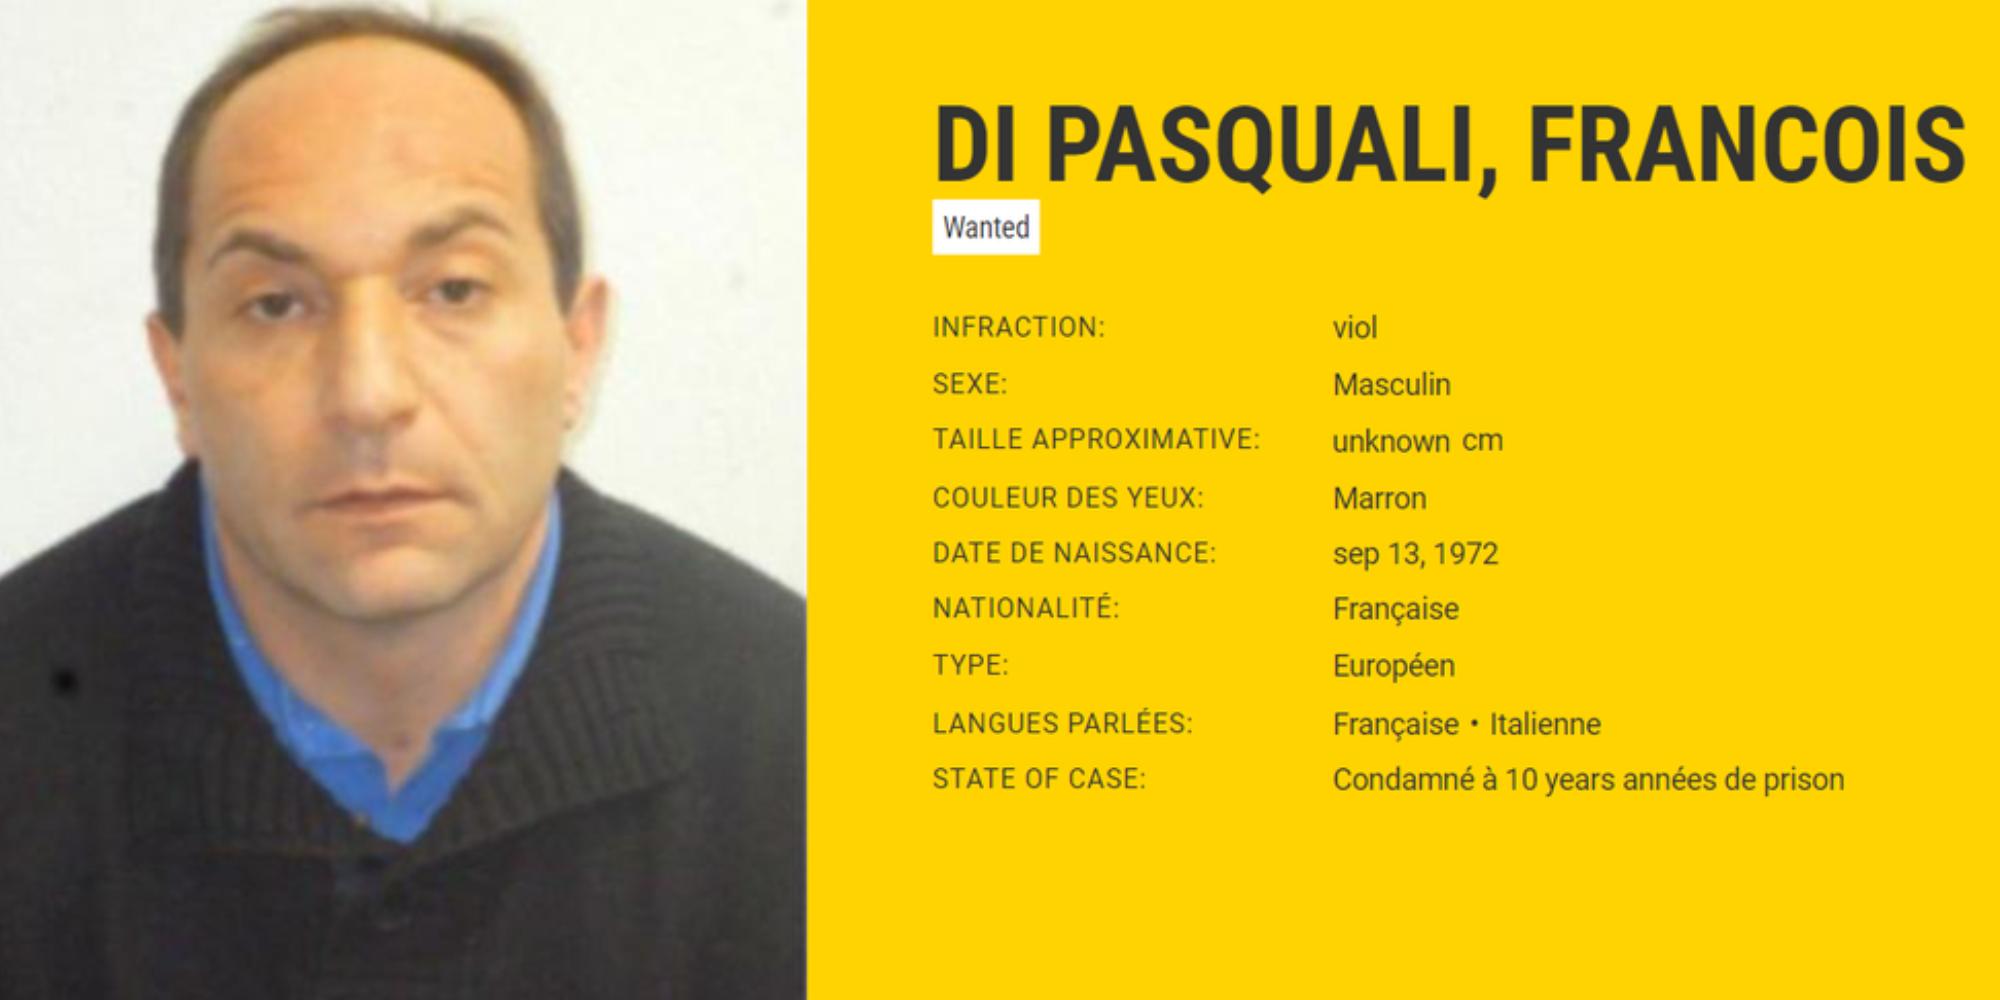 INFORMATION EUROPE 1 - François Di Pasquali, le Français le plus recherché par Europol, a été arrêté